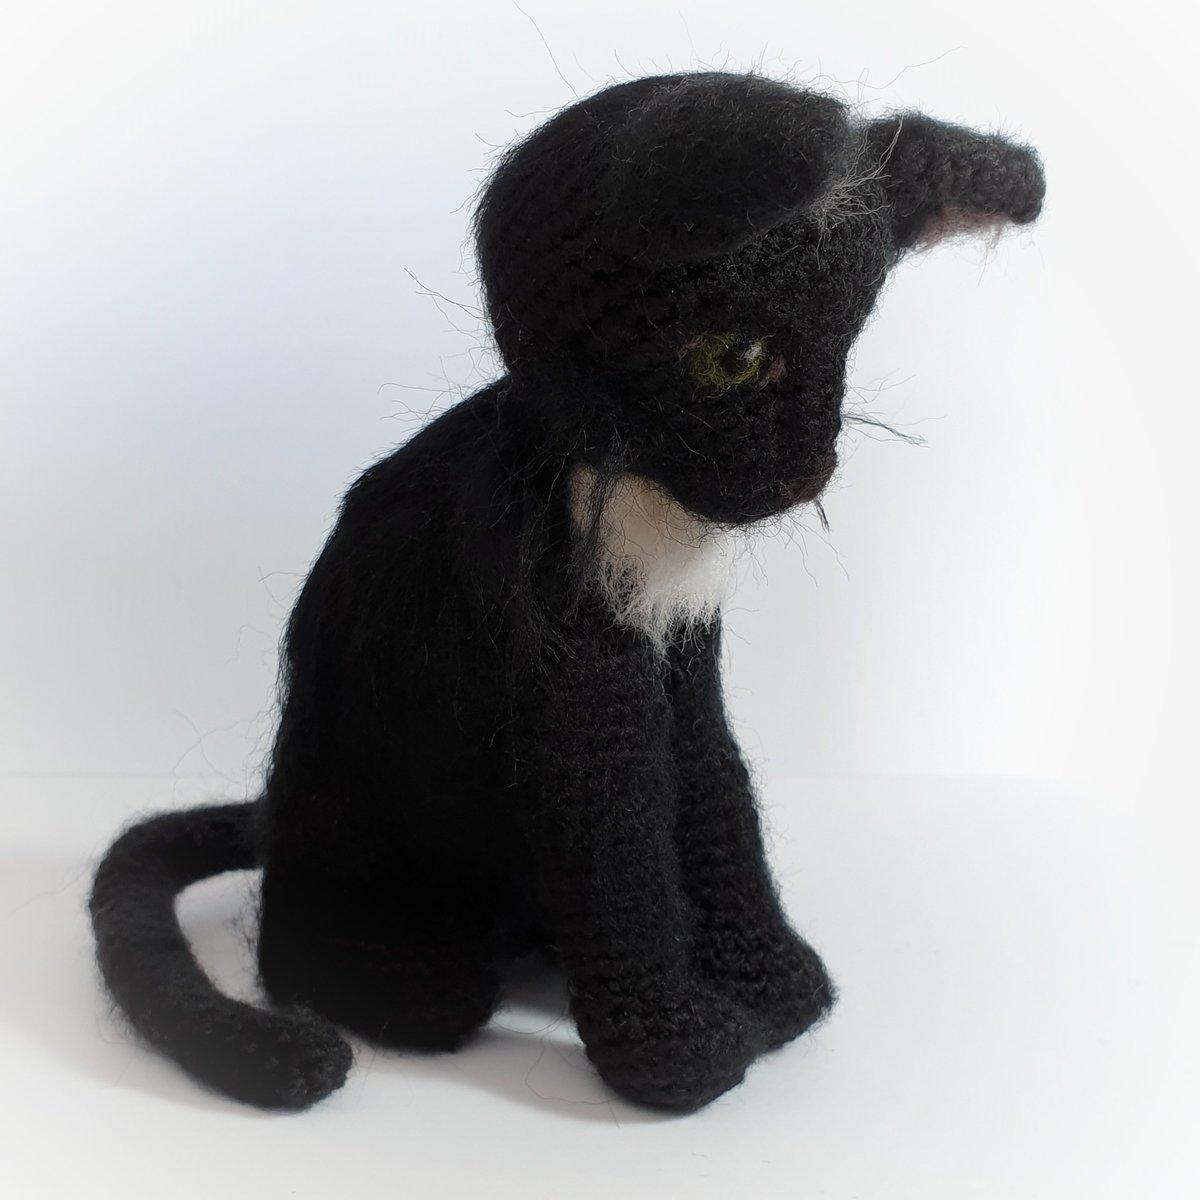 Kitten Amigurumi Free Crochet Patterns | 1200x1200